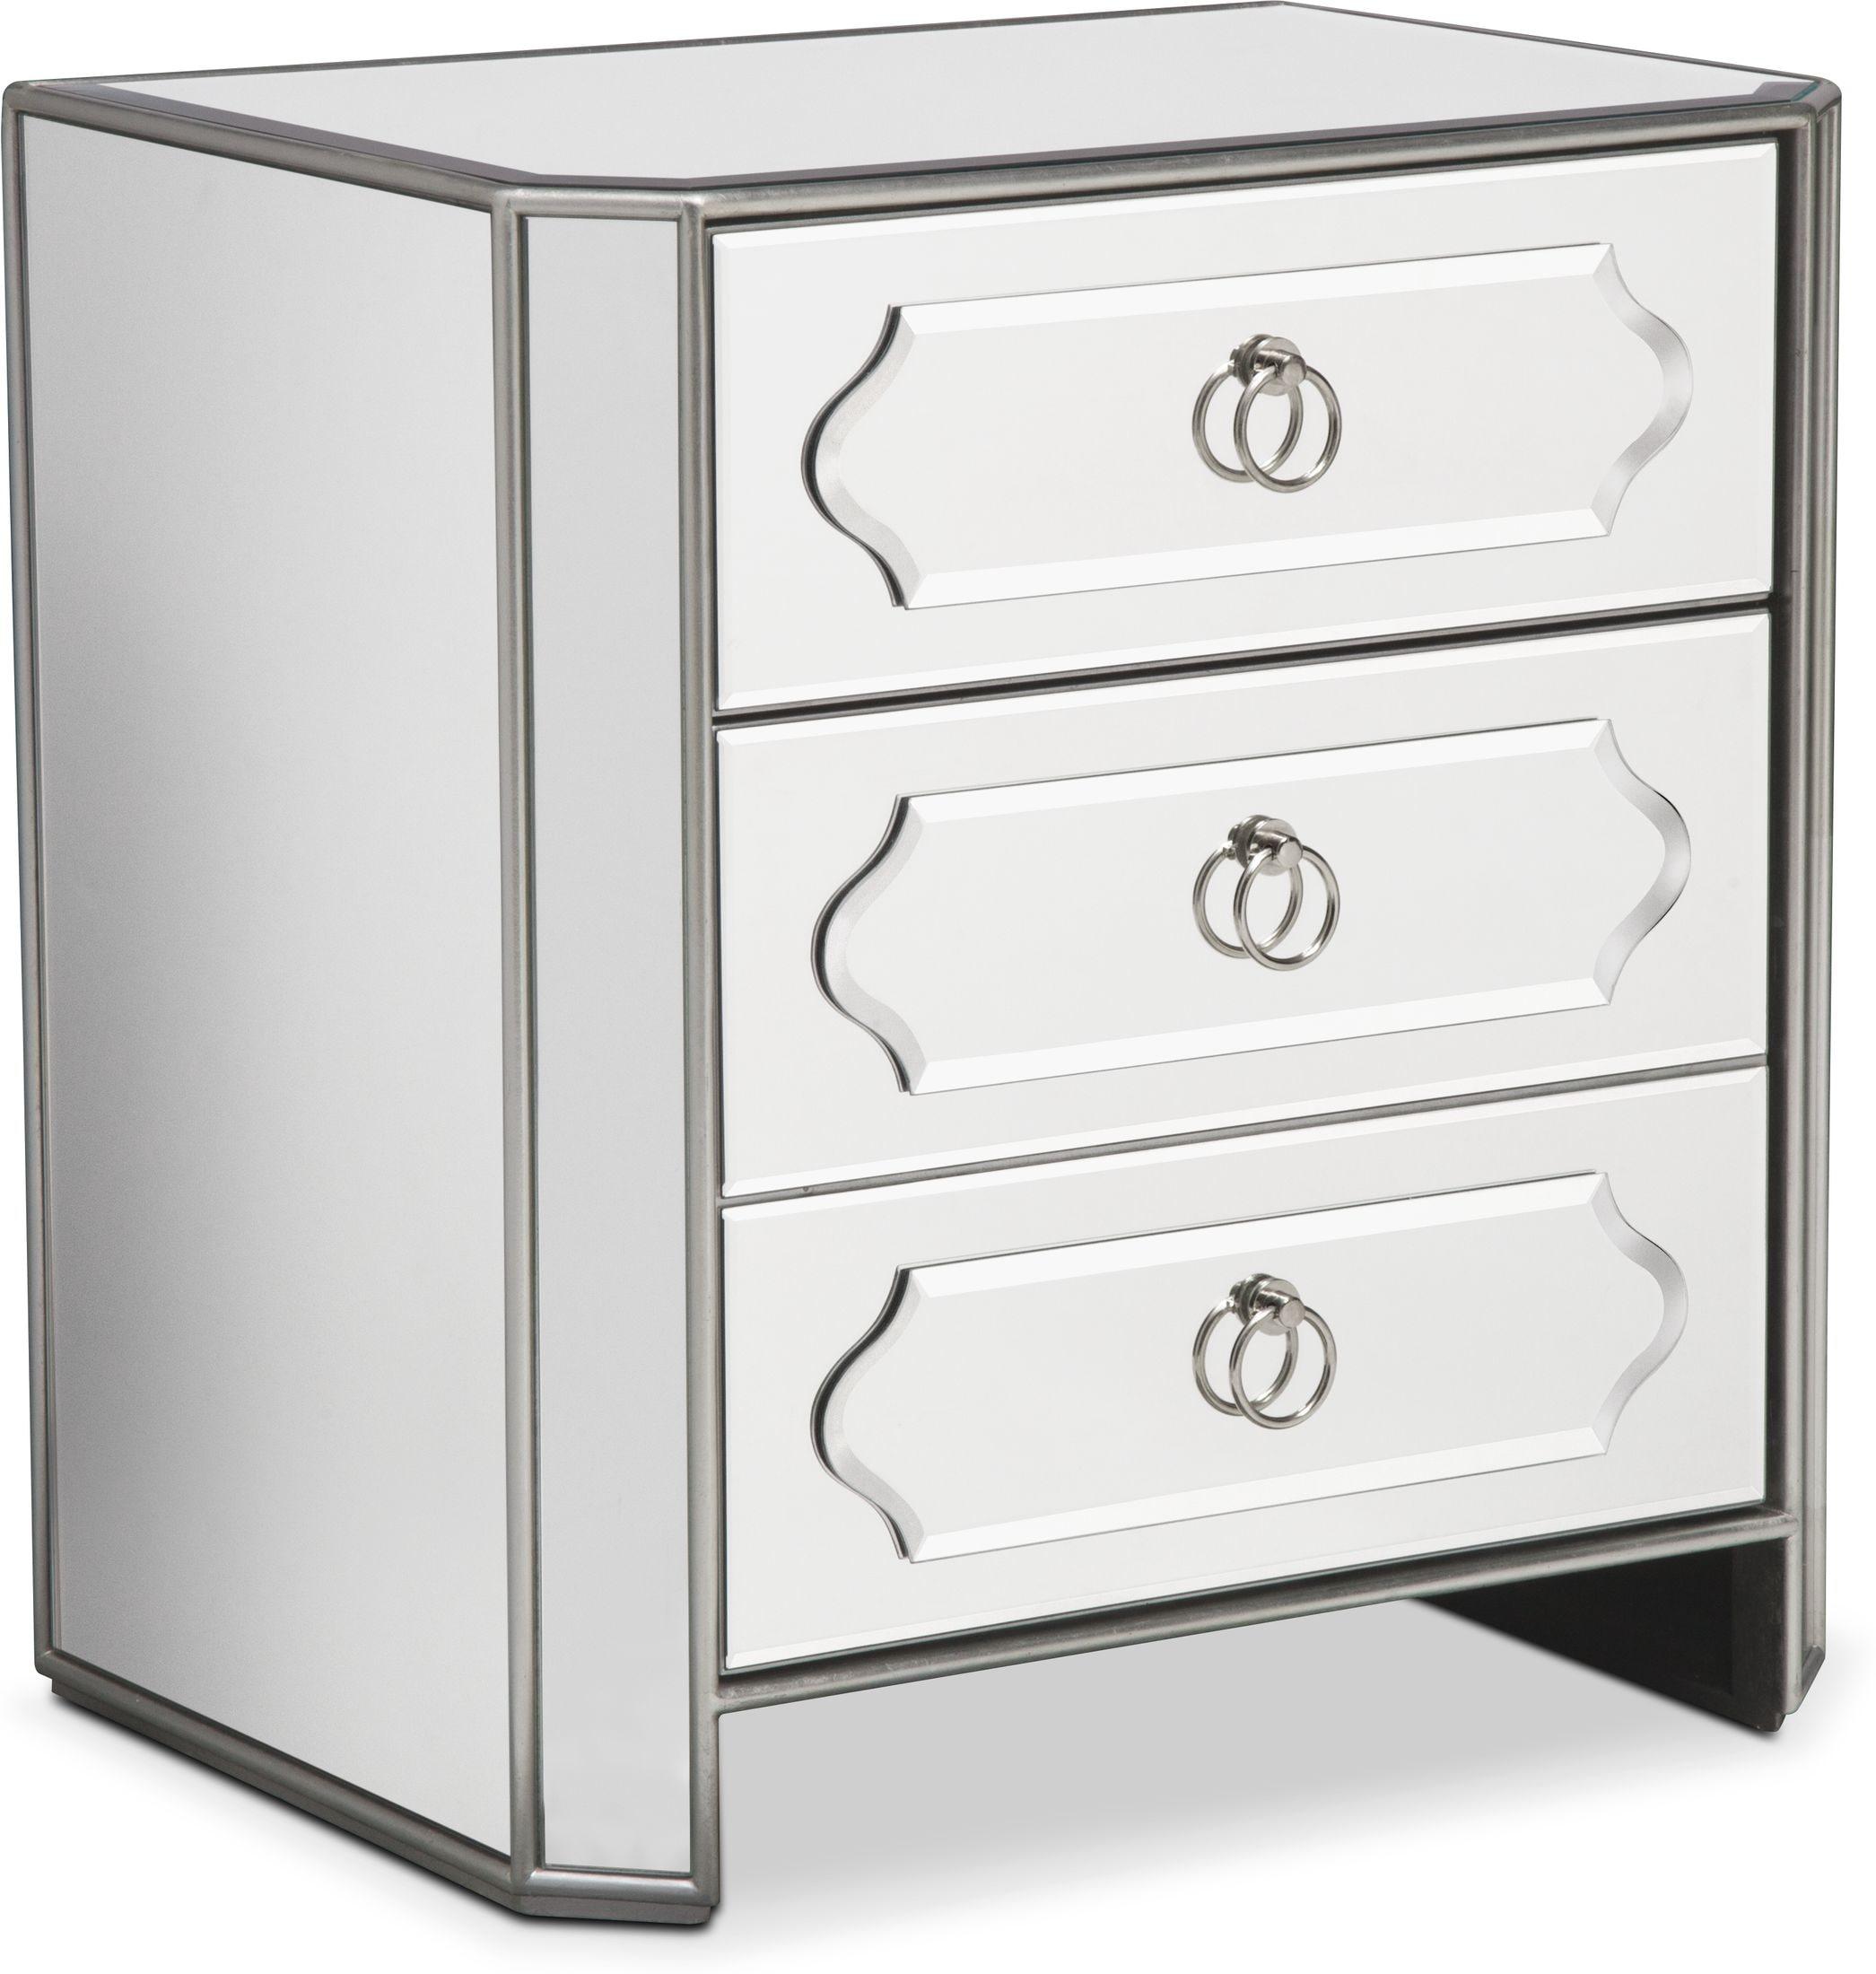 Bedroom Furniture - Harlow Bedside Chest